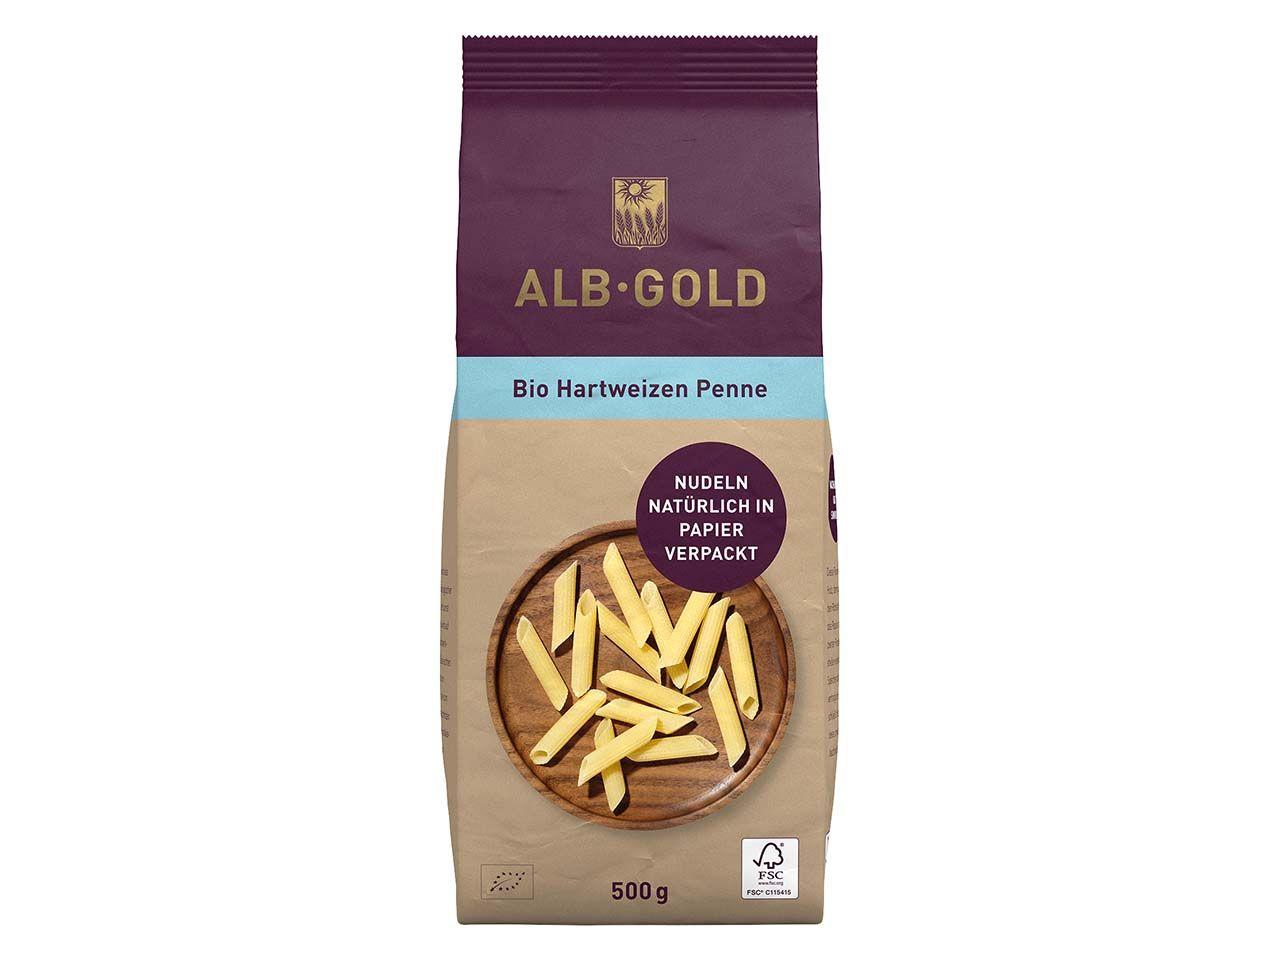 ALB-GOLD Bio-Hartweizen Penne, 500 g 104034311